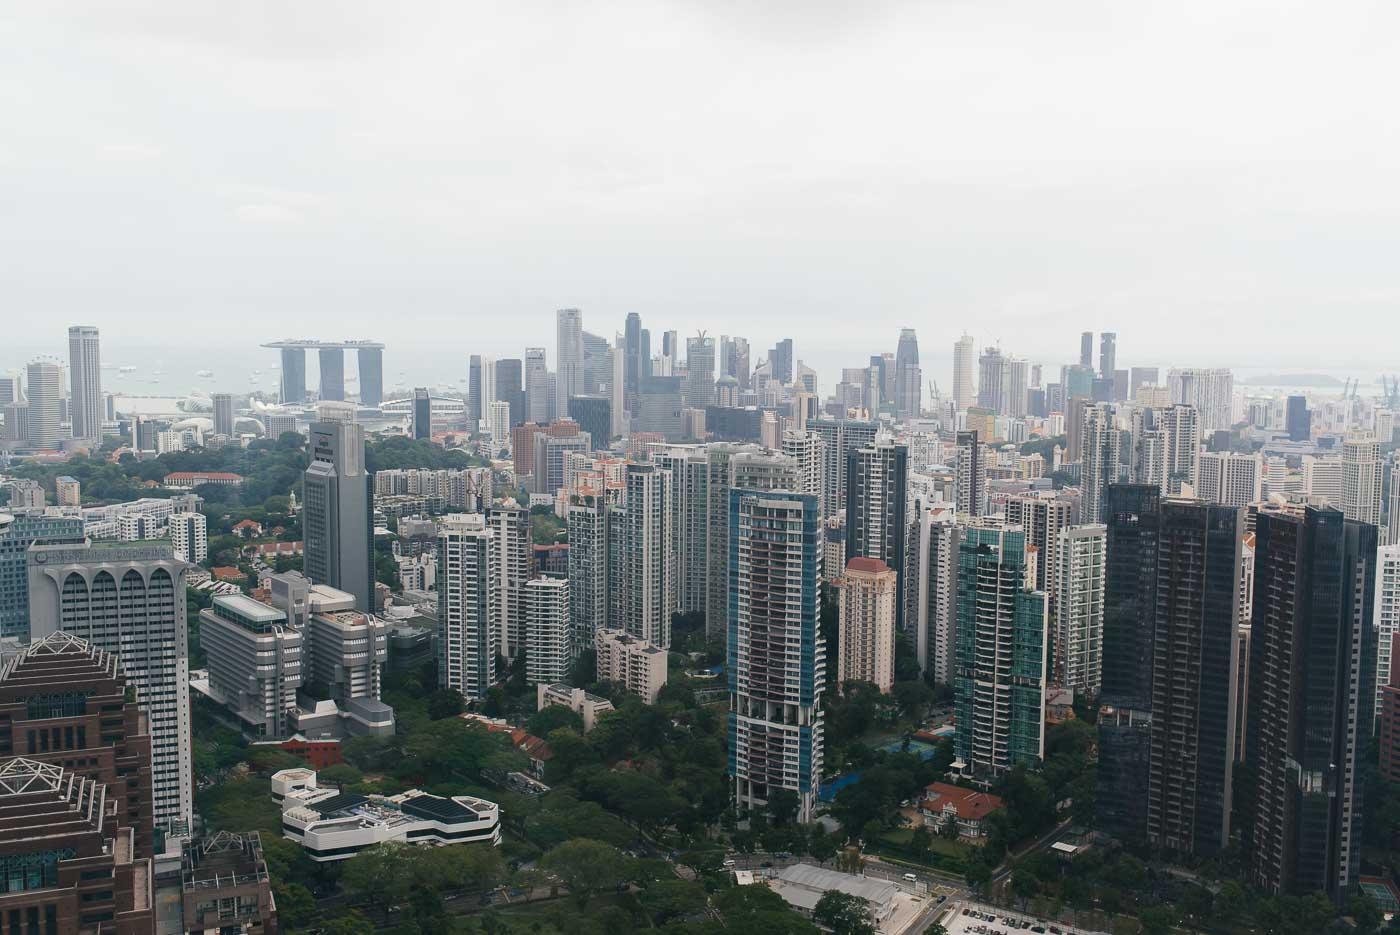 Singapur Sehenswürdigkeiten - Panorama Singapur Ion Sky